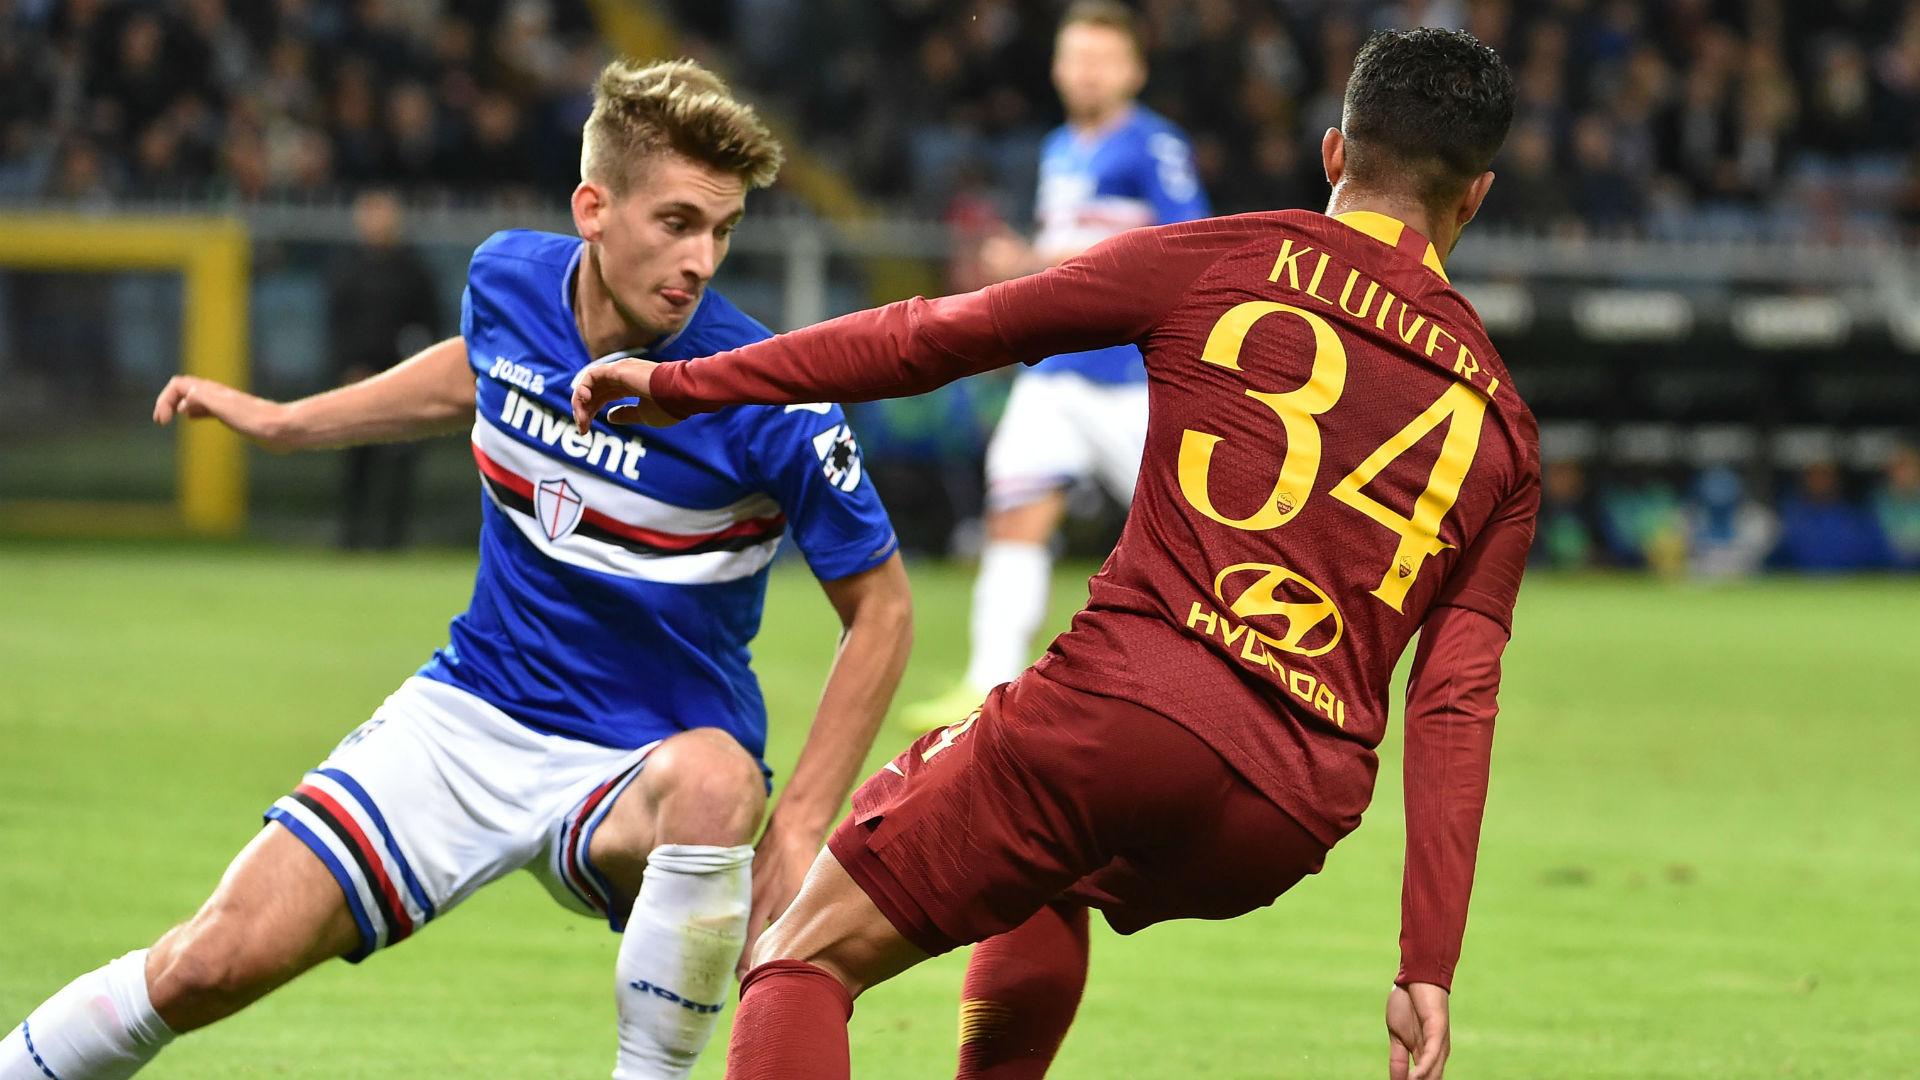 Andersen Kluivert Sampdoria Roma Serie A